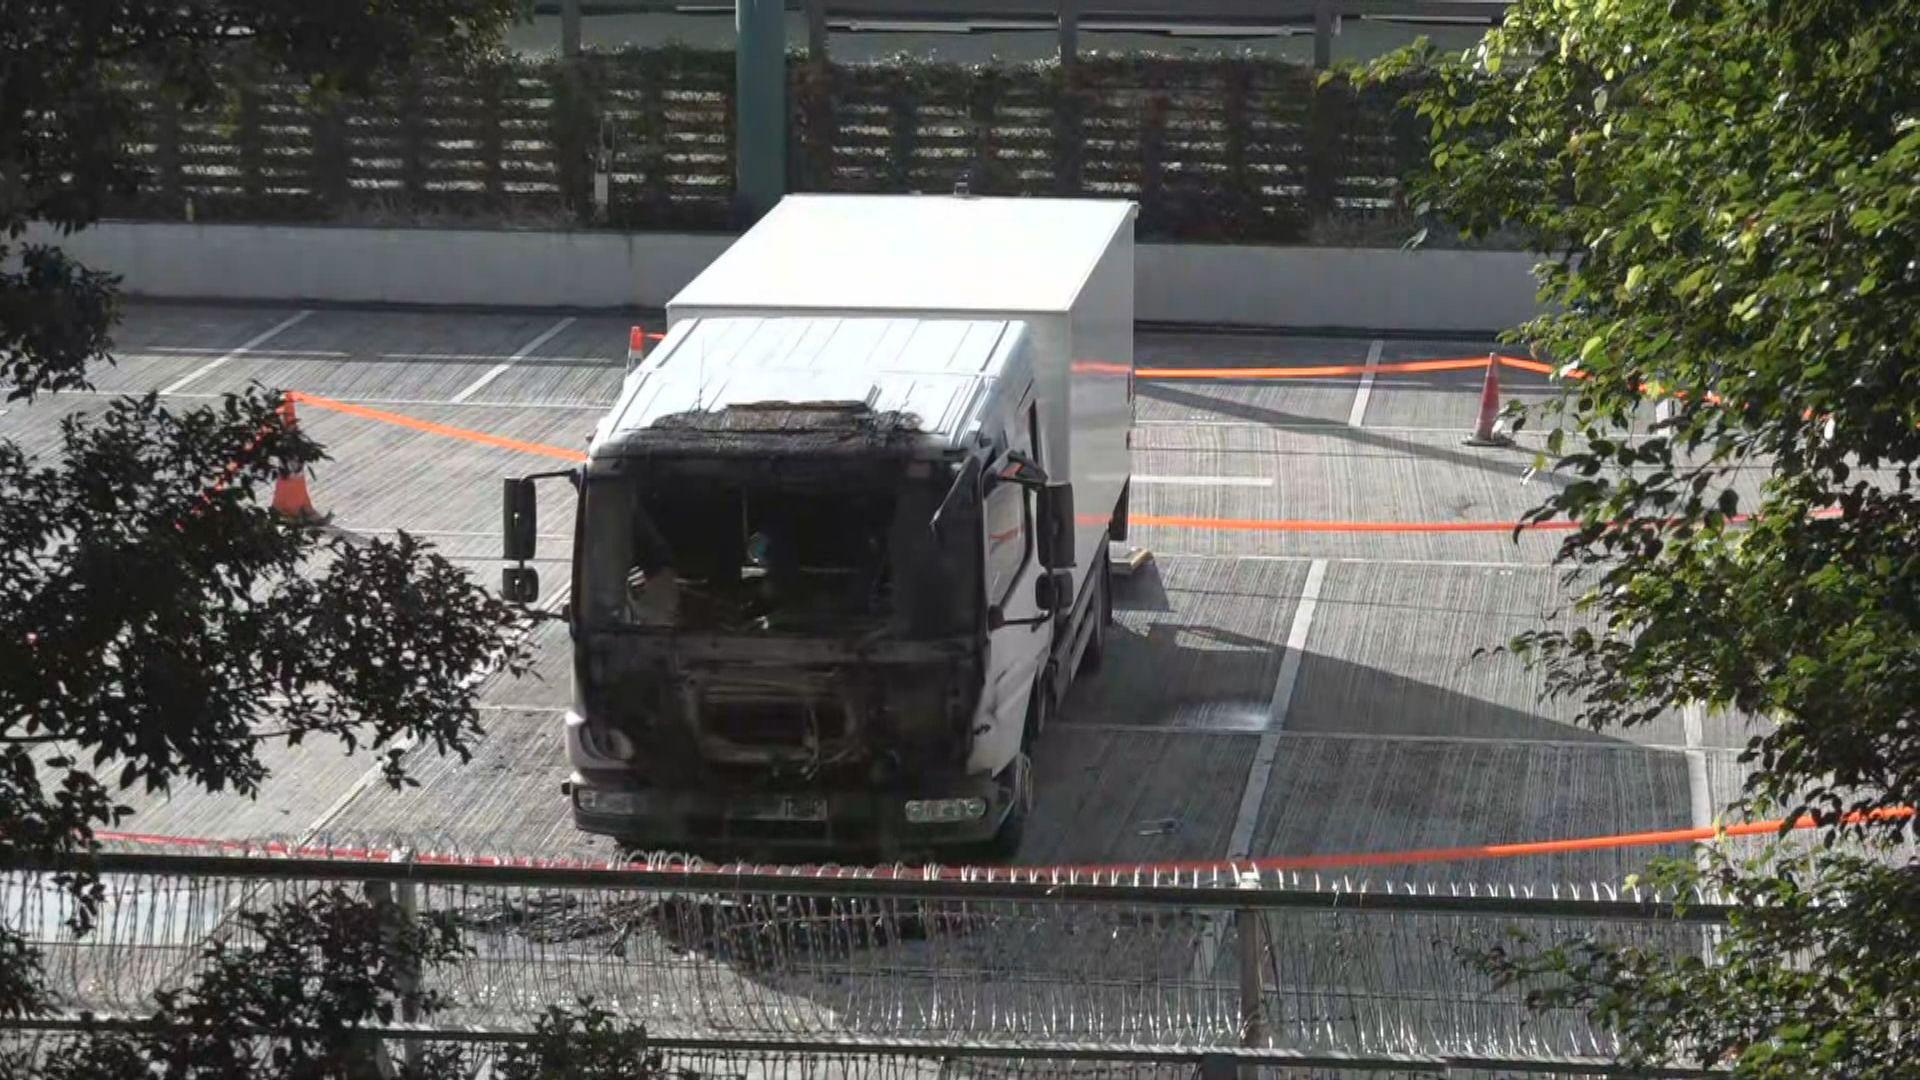 警察遊樂會凌晨被投十個汽油彈 波及一部貨車